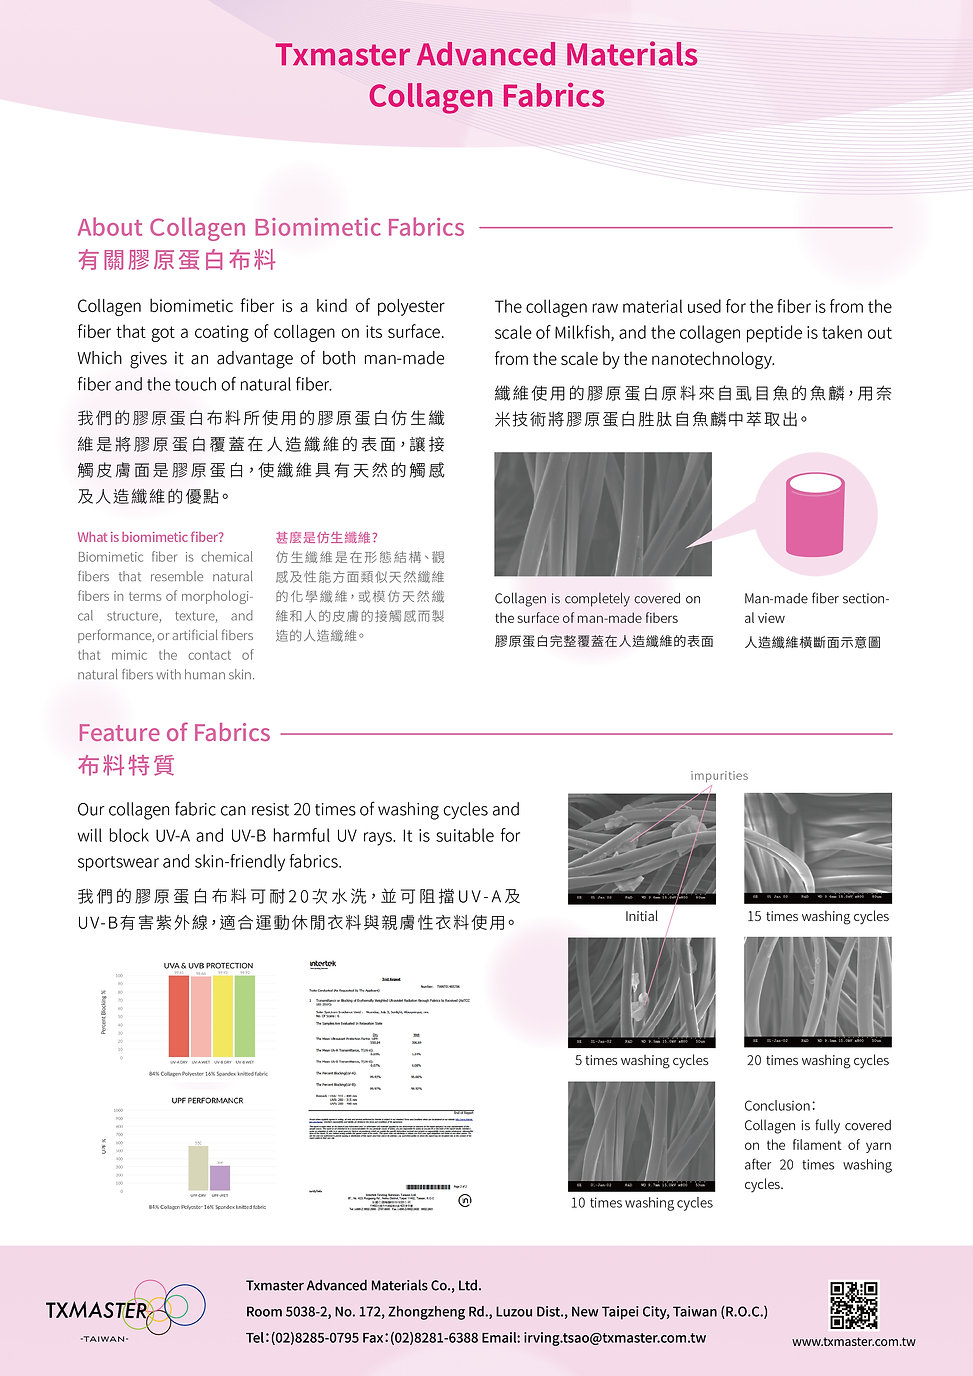 20181029_經采_A4DM膠原蛋白-v5-改頁頭標題字.jpg